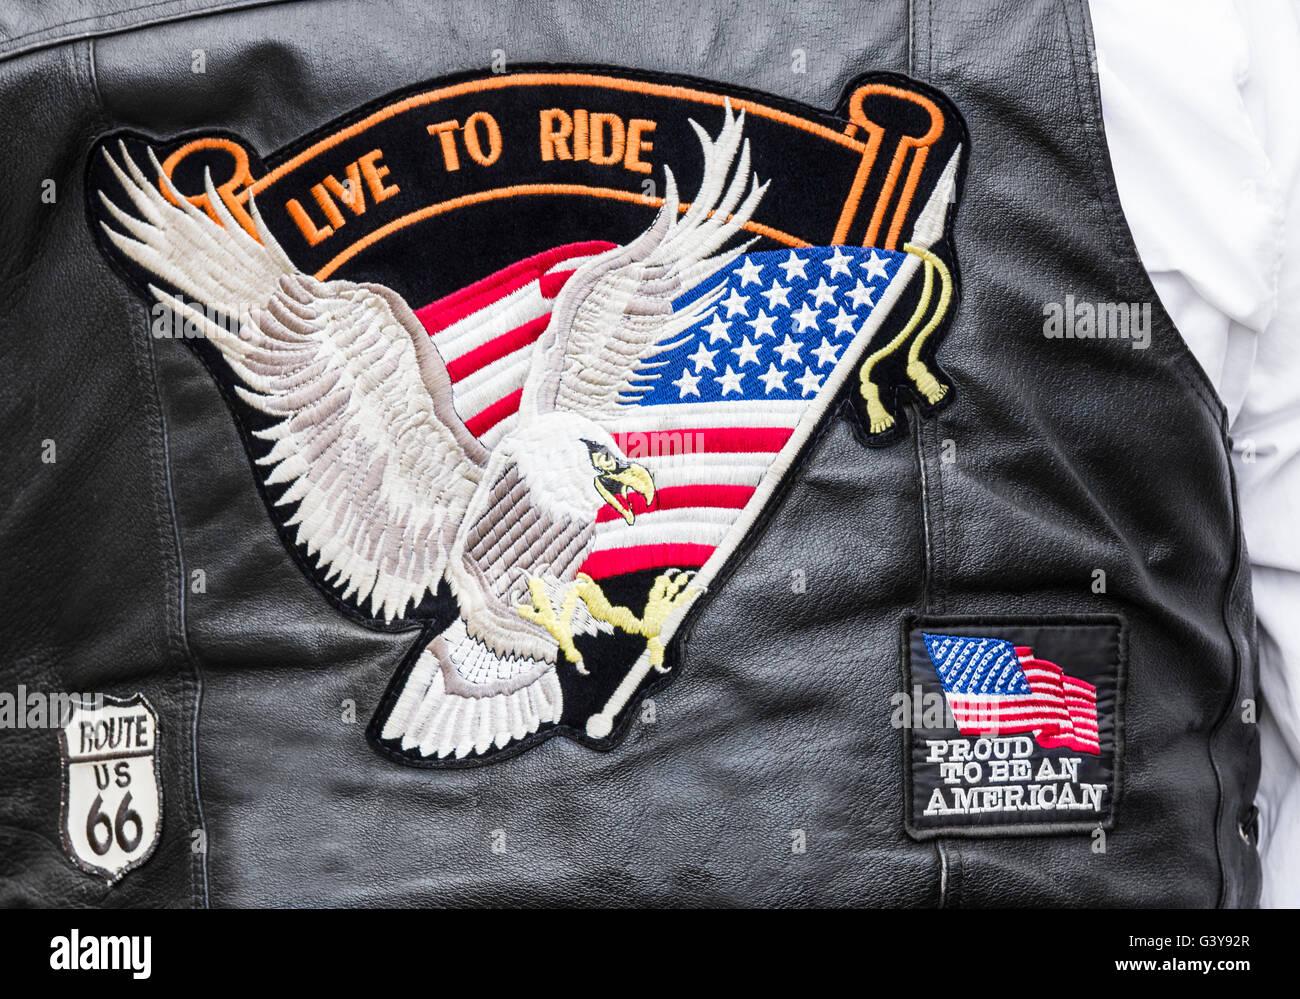 """Biker indossando 'Live a ride', 'fiero essere un americano"""" e """"Route 66"""" badge nel retro della giacca di pelle. Foto Stock"""